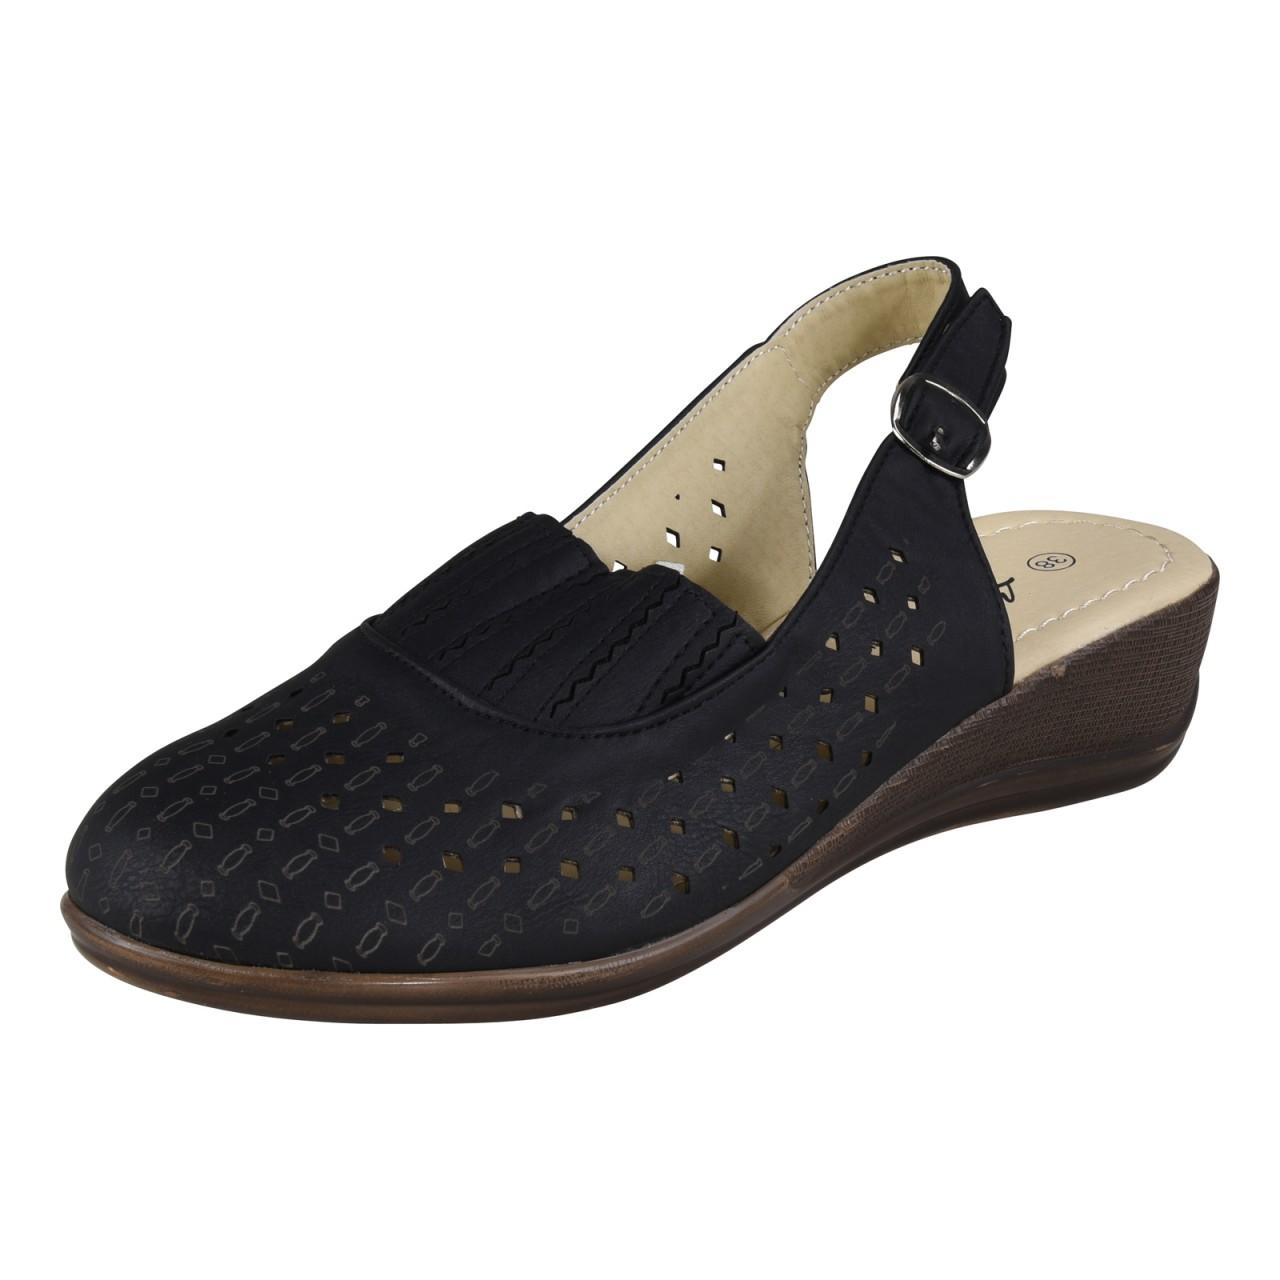 lisanne comfort damen sling sandale schwarz. Black Bedroom Furniture Sets. Home Design Ideas